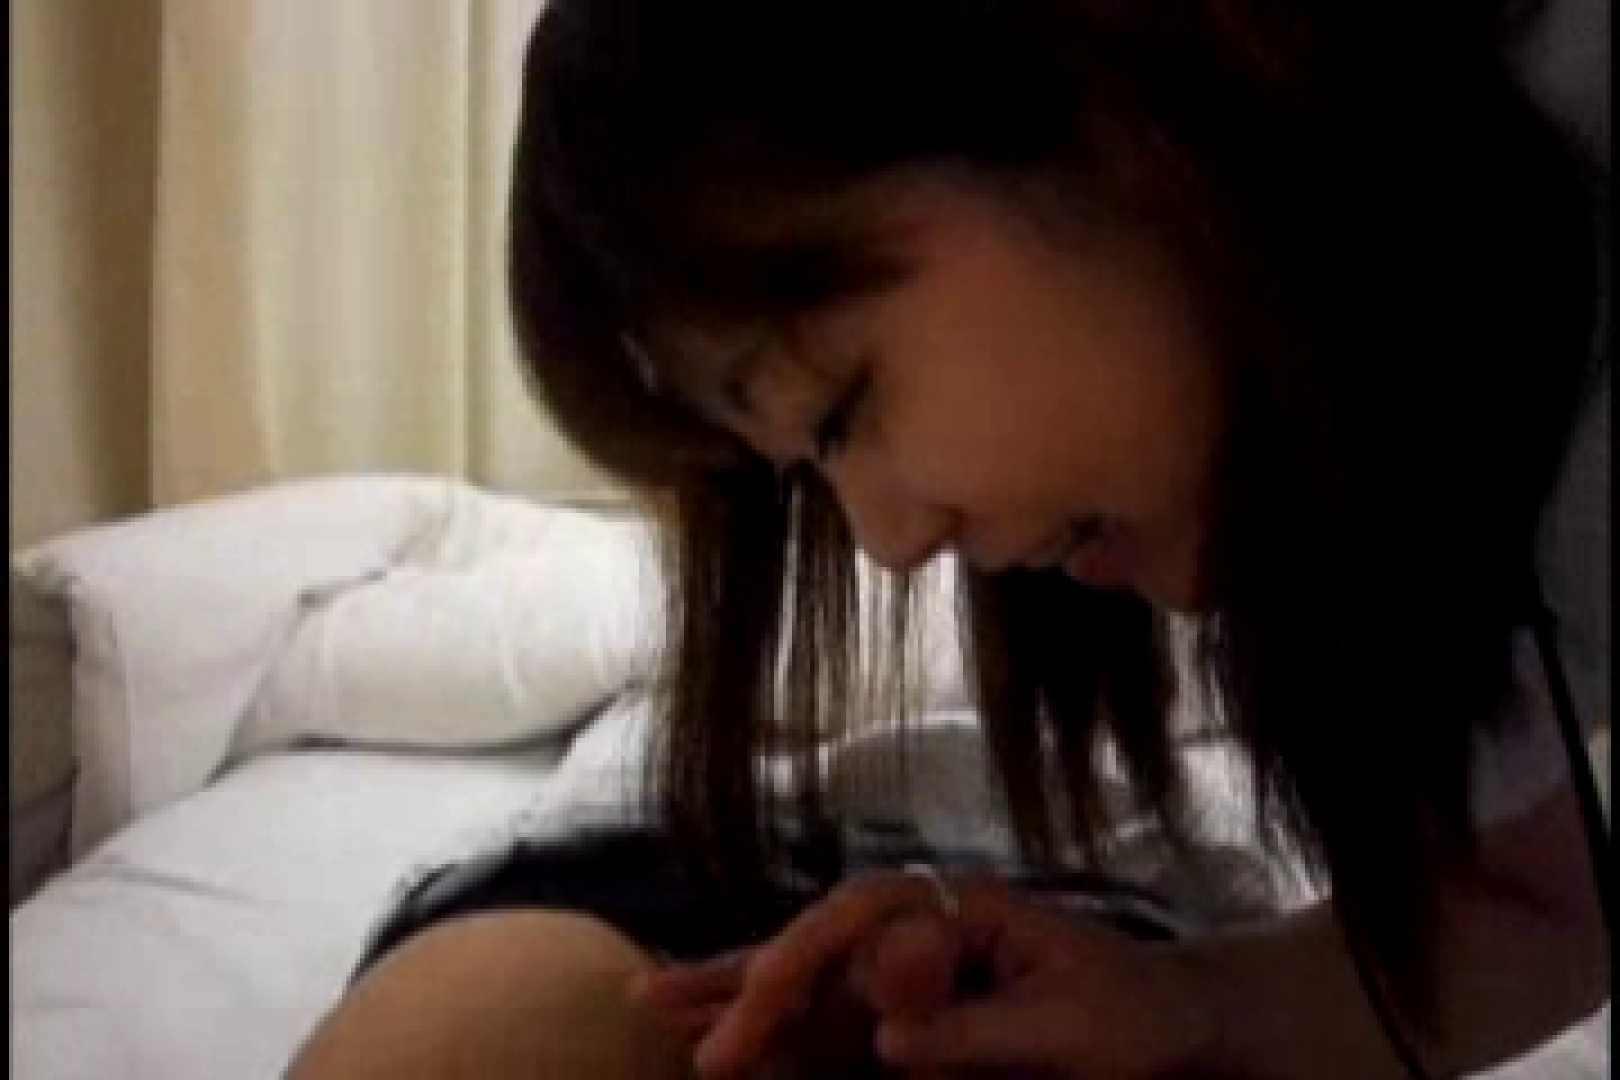 ヤリマンと呼ばれた看護士さんvol1 エッチなOL 濡れ場動画紹介 93pic 83